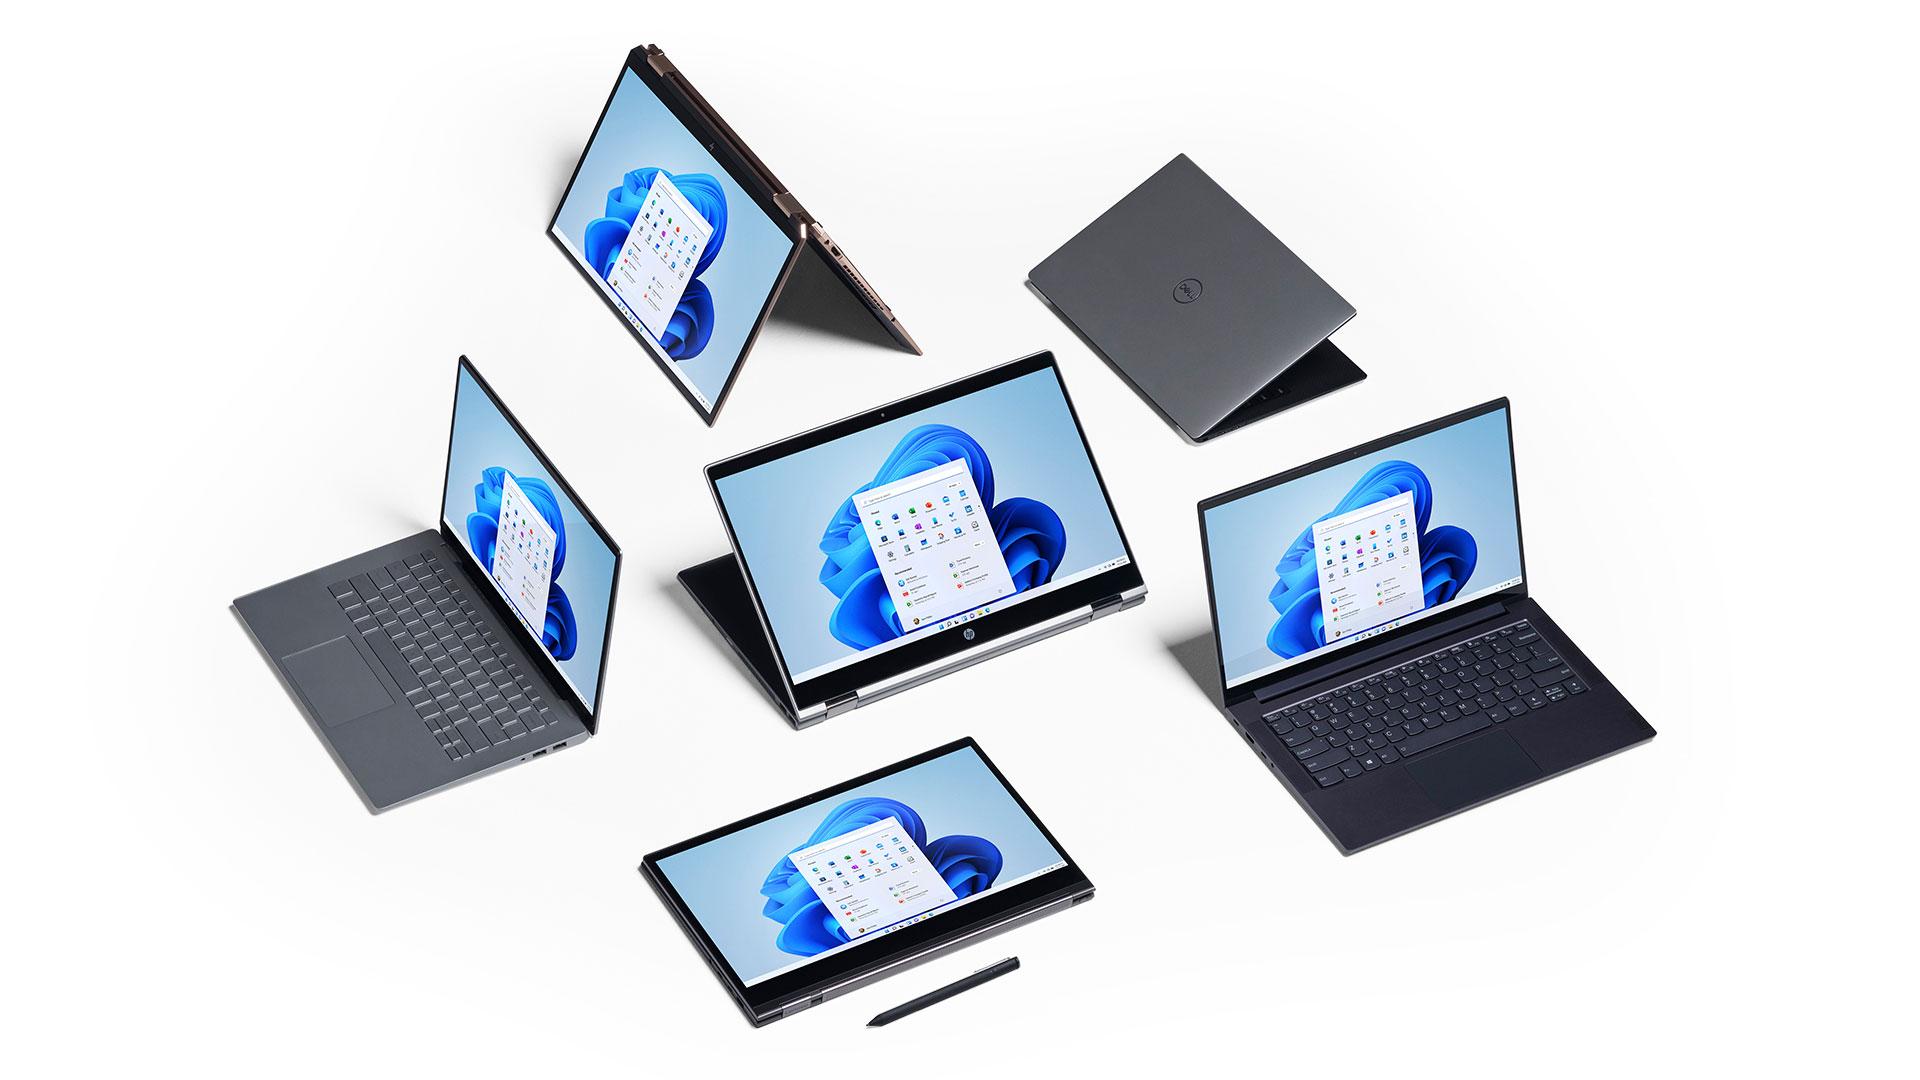 Σειρά 6 υπολογιστών Windows 11